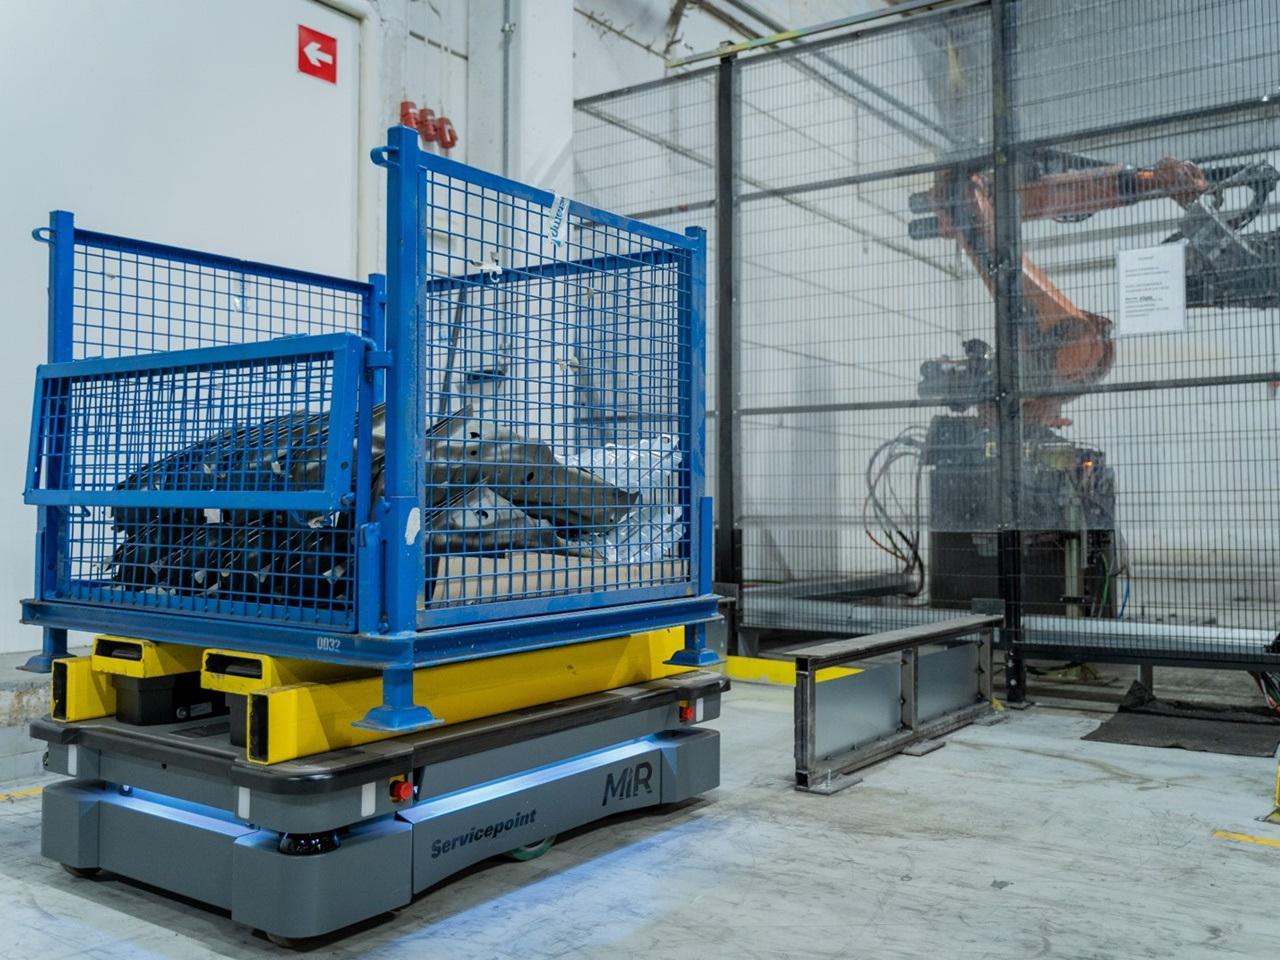 A Stera Technologies egy MiR500-al szállít nehéz alkatrészeket a raktárból a gyártótér robotcelláihoz, így nincs szükség villástargoncákra a gyár területén.